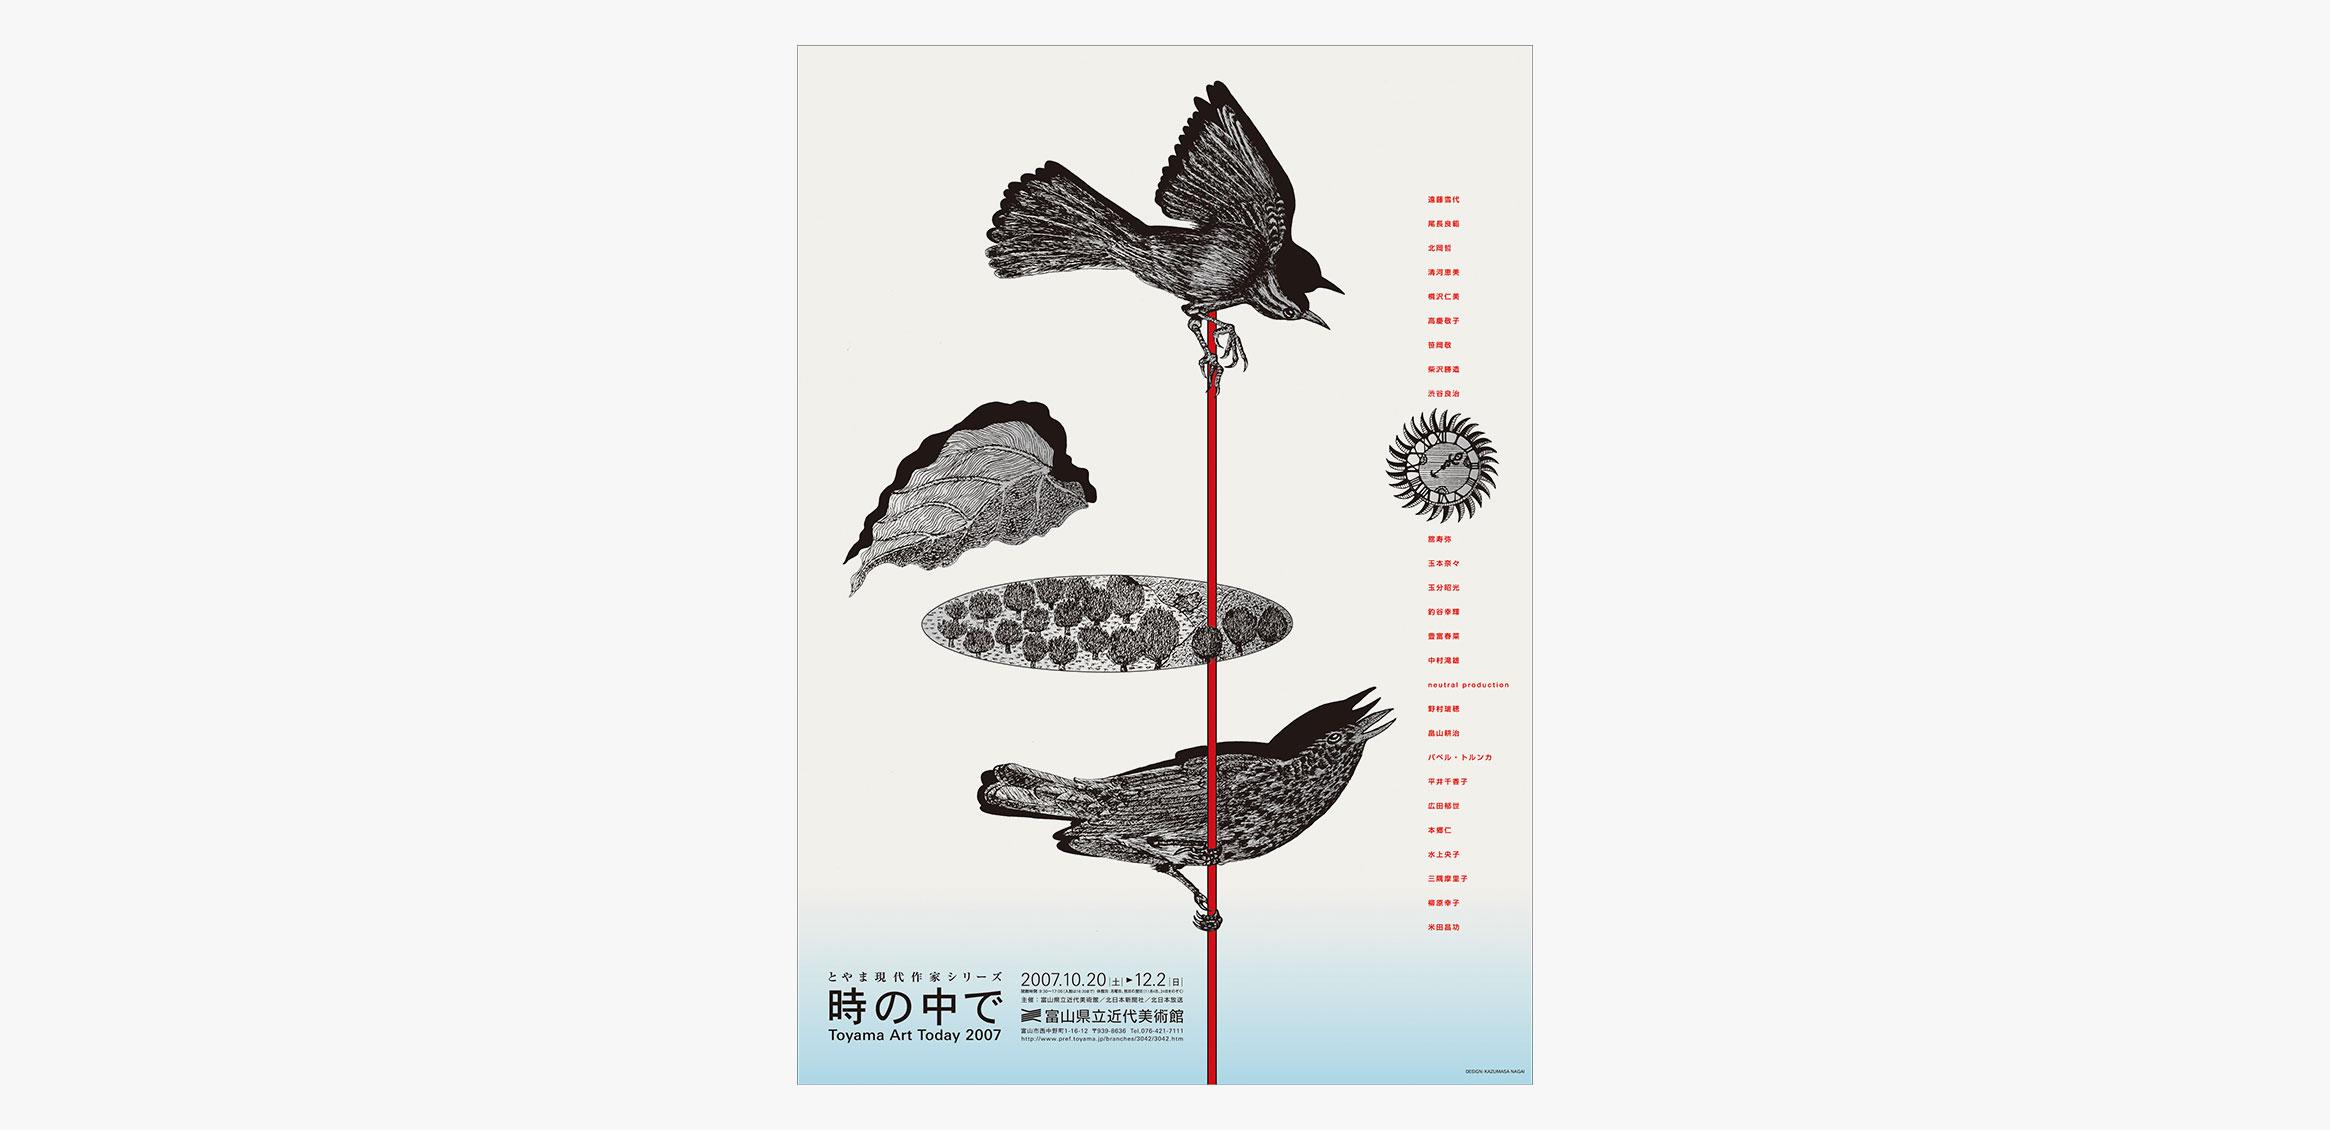 富山县立近代美术馆  海报9枚目